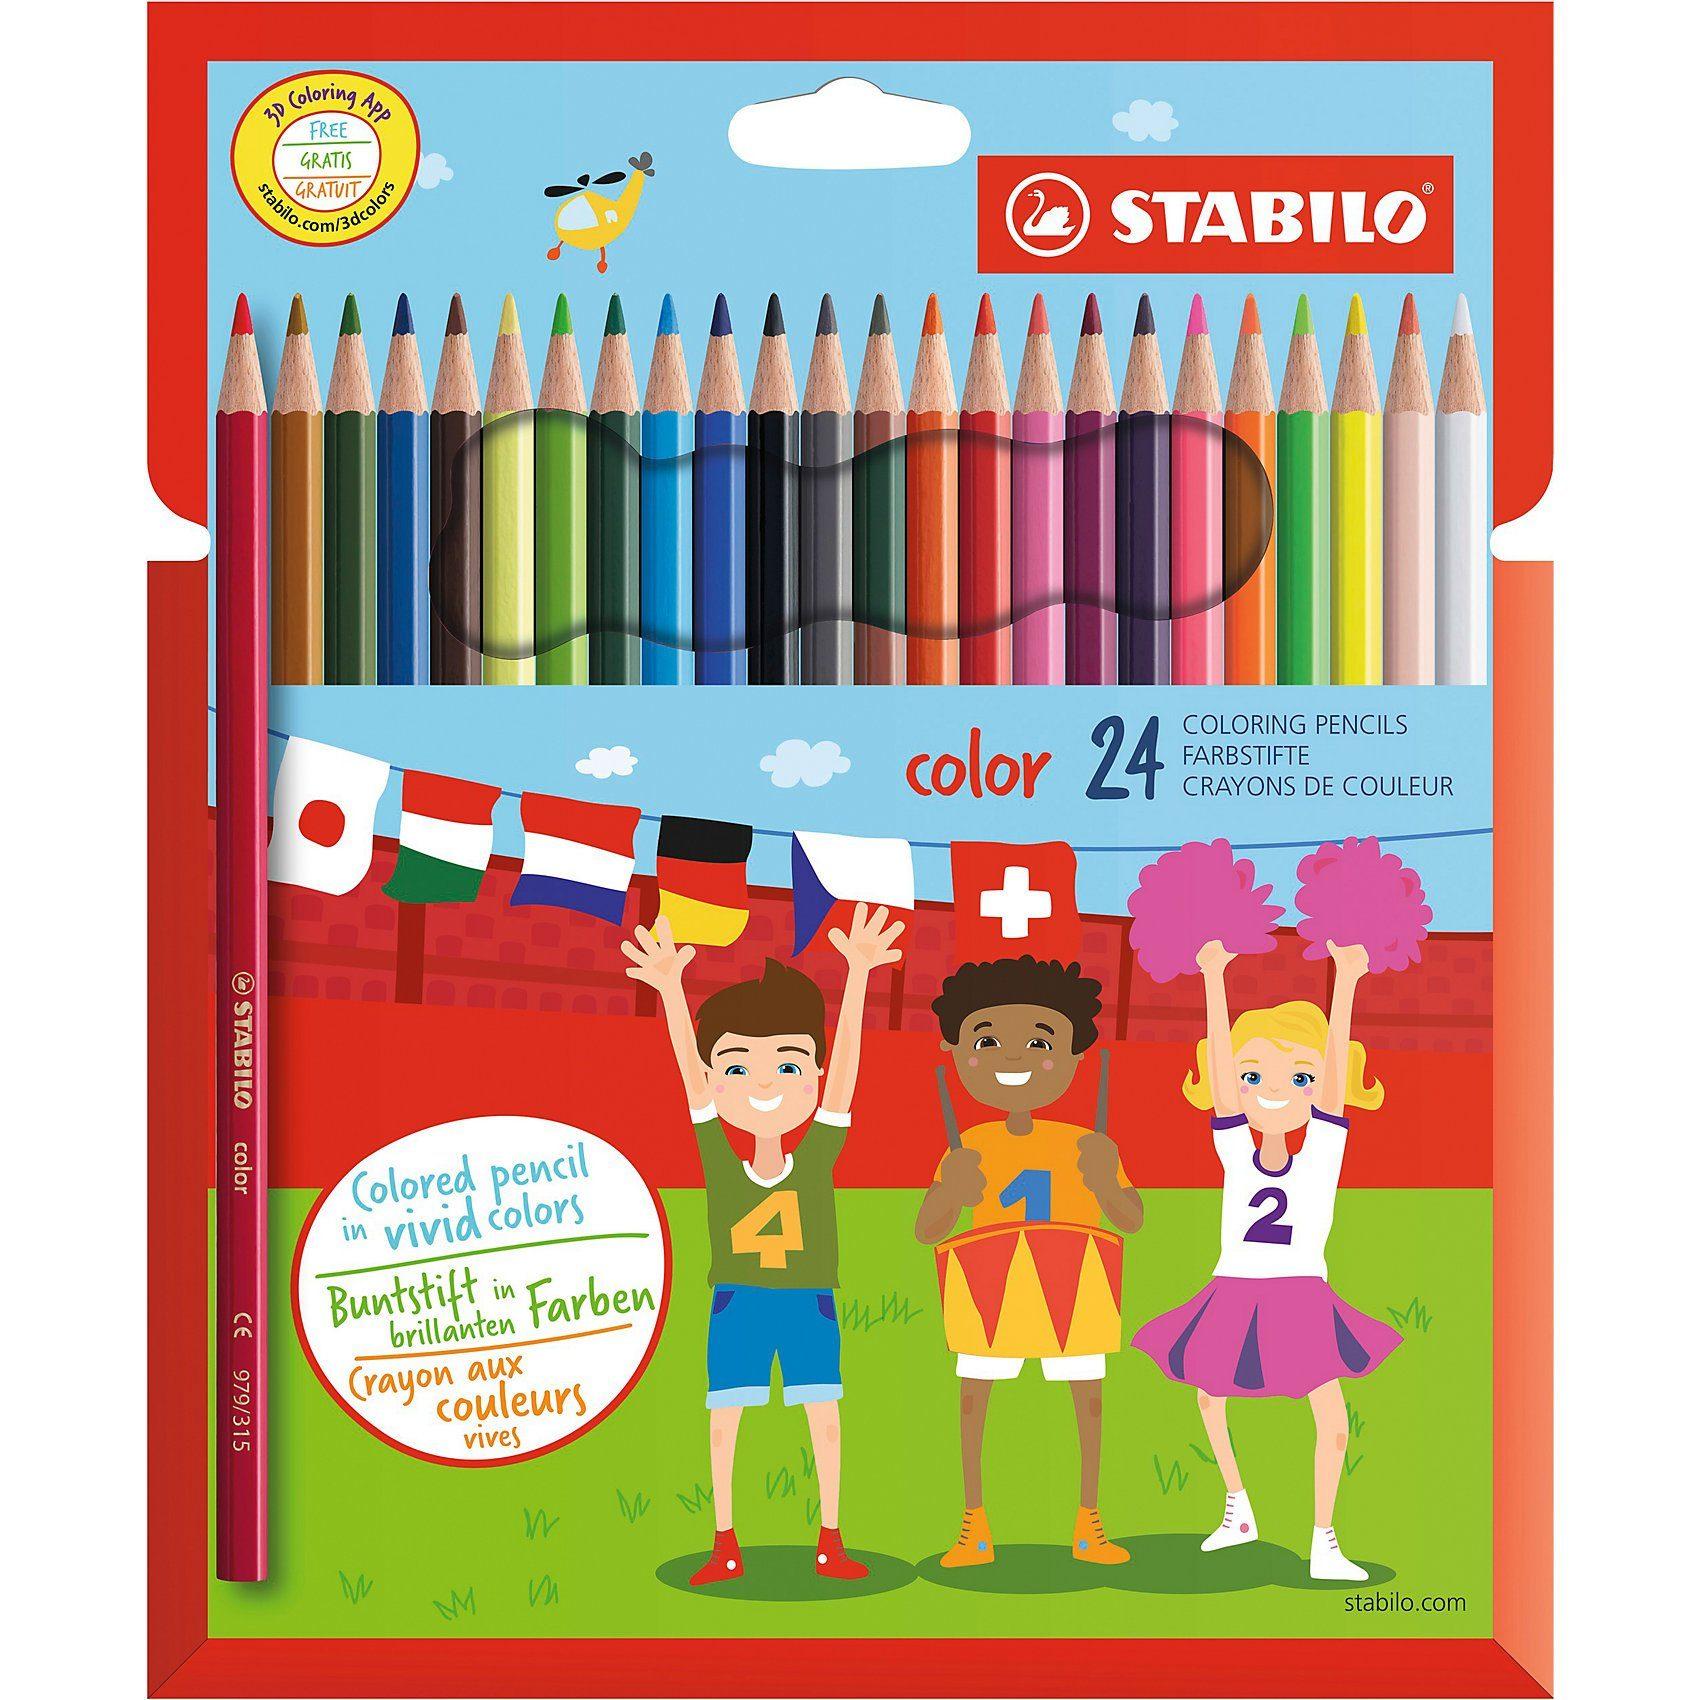 STABILO Swano color Buntstifte, 24 Farben